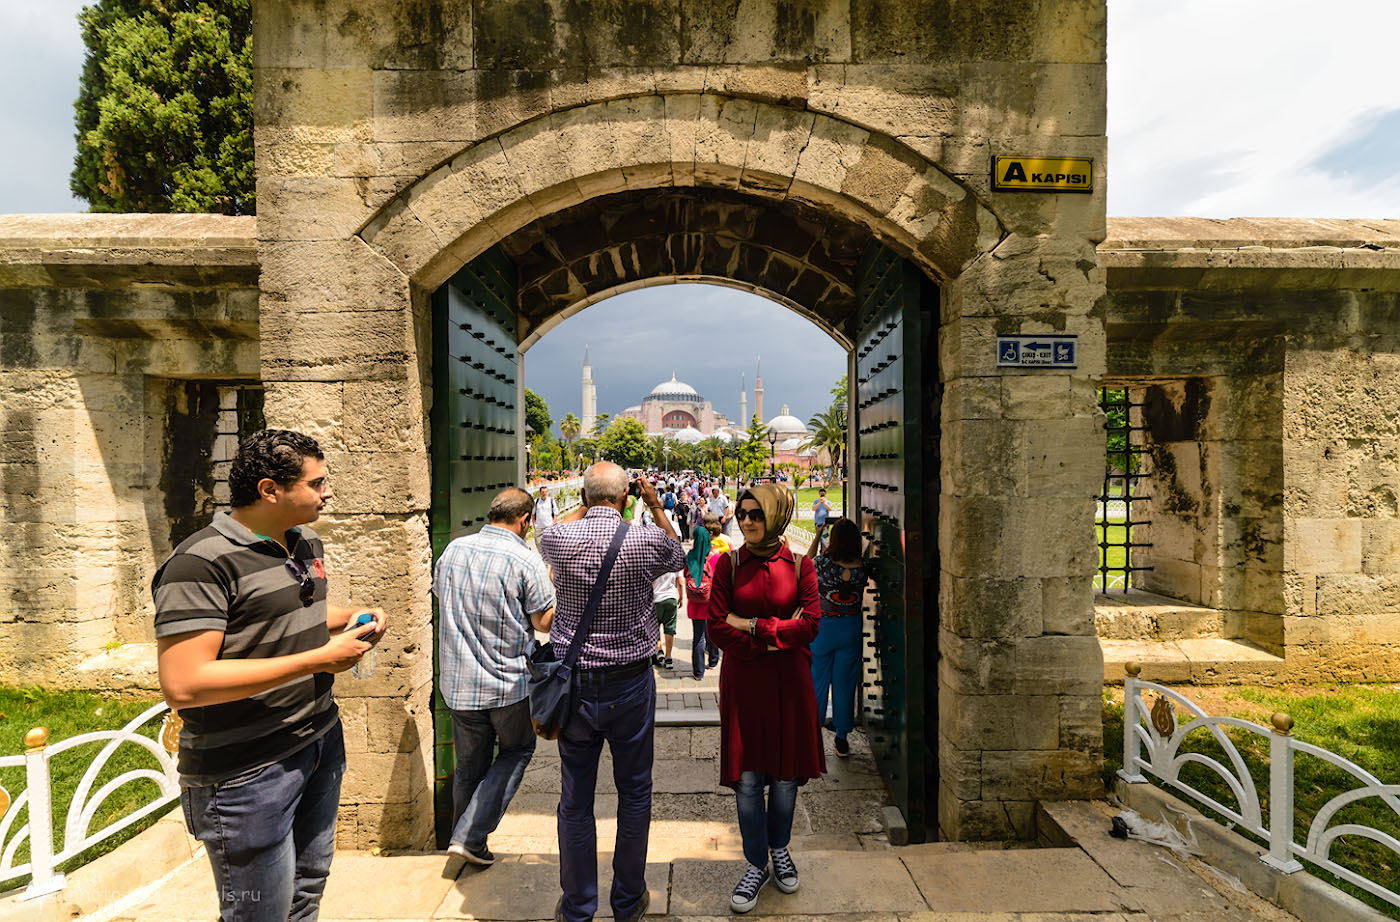 Фото 11. Вид на собор святой Софии, через ворота голубой мечети. Отчеты об экскурсиях по Стамбулу. 1/200, +0.33, 8.0, 320, 14.